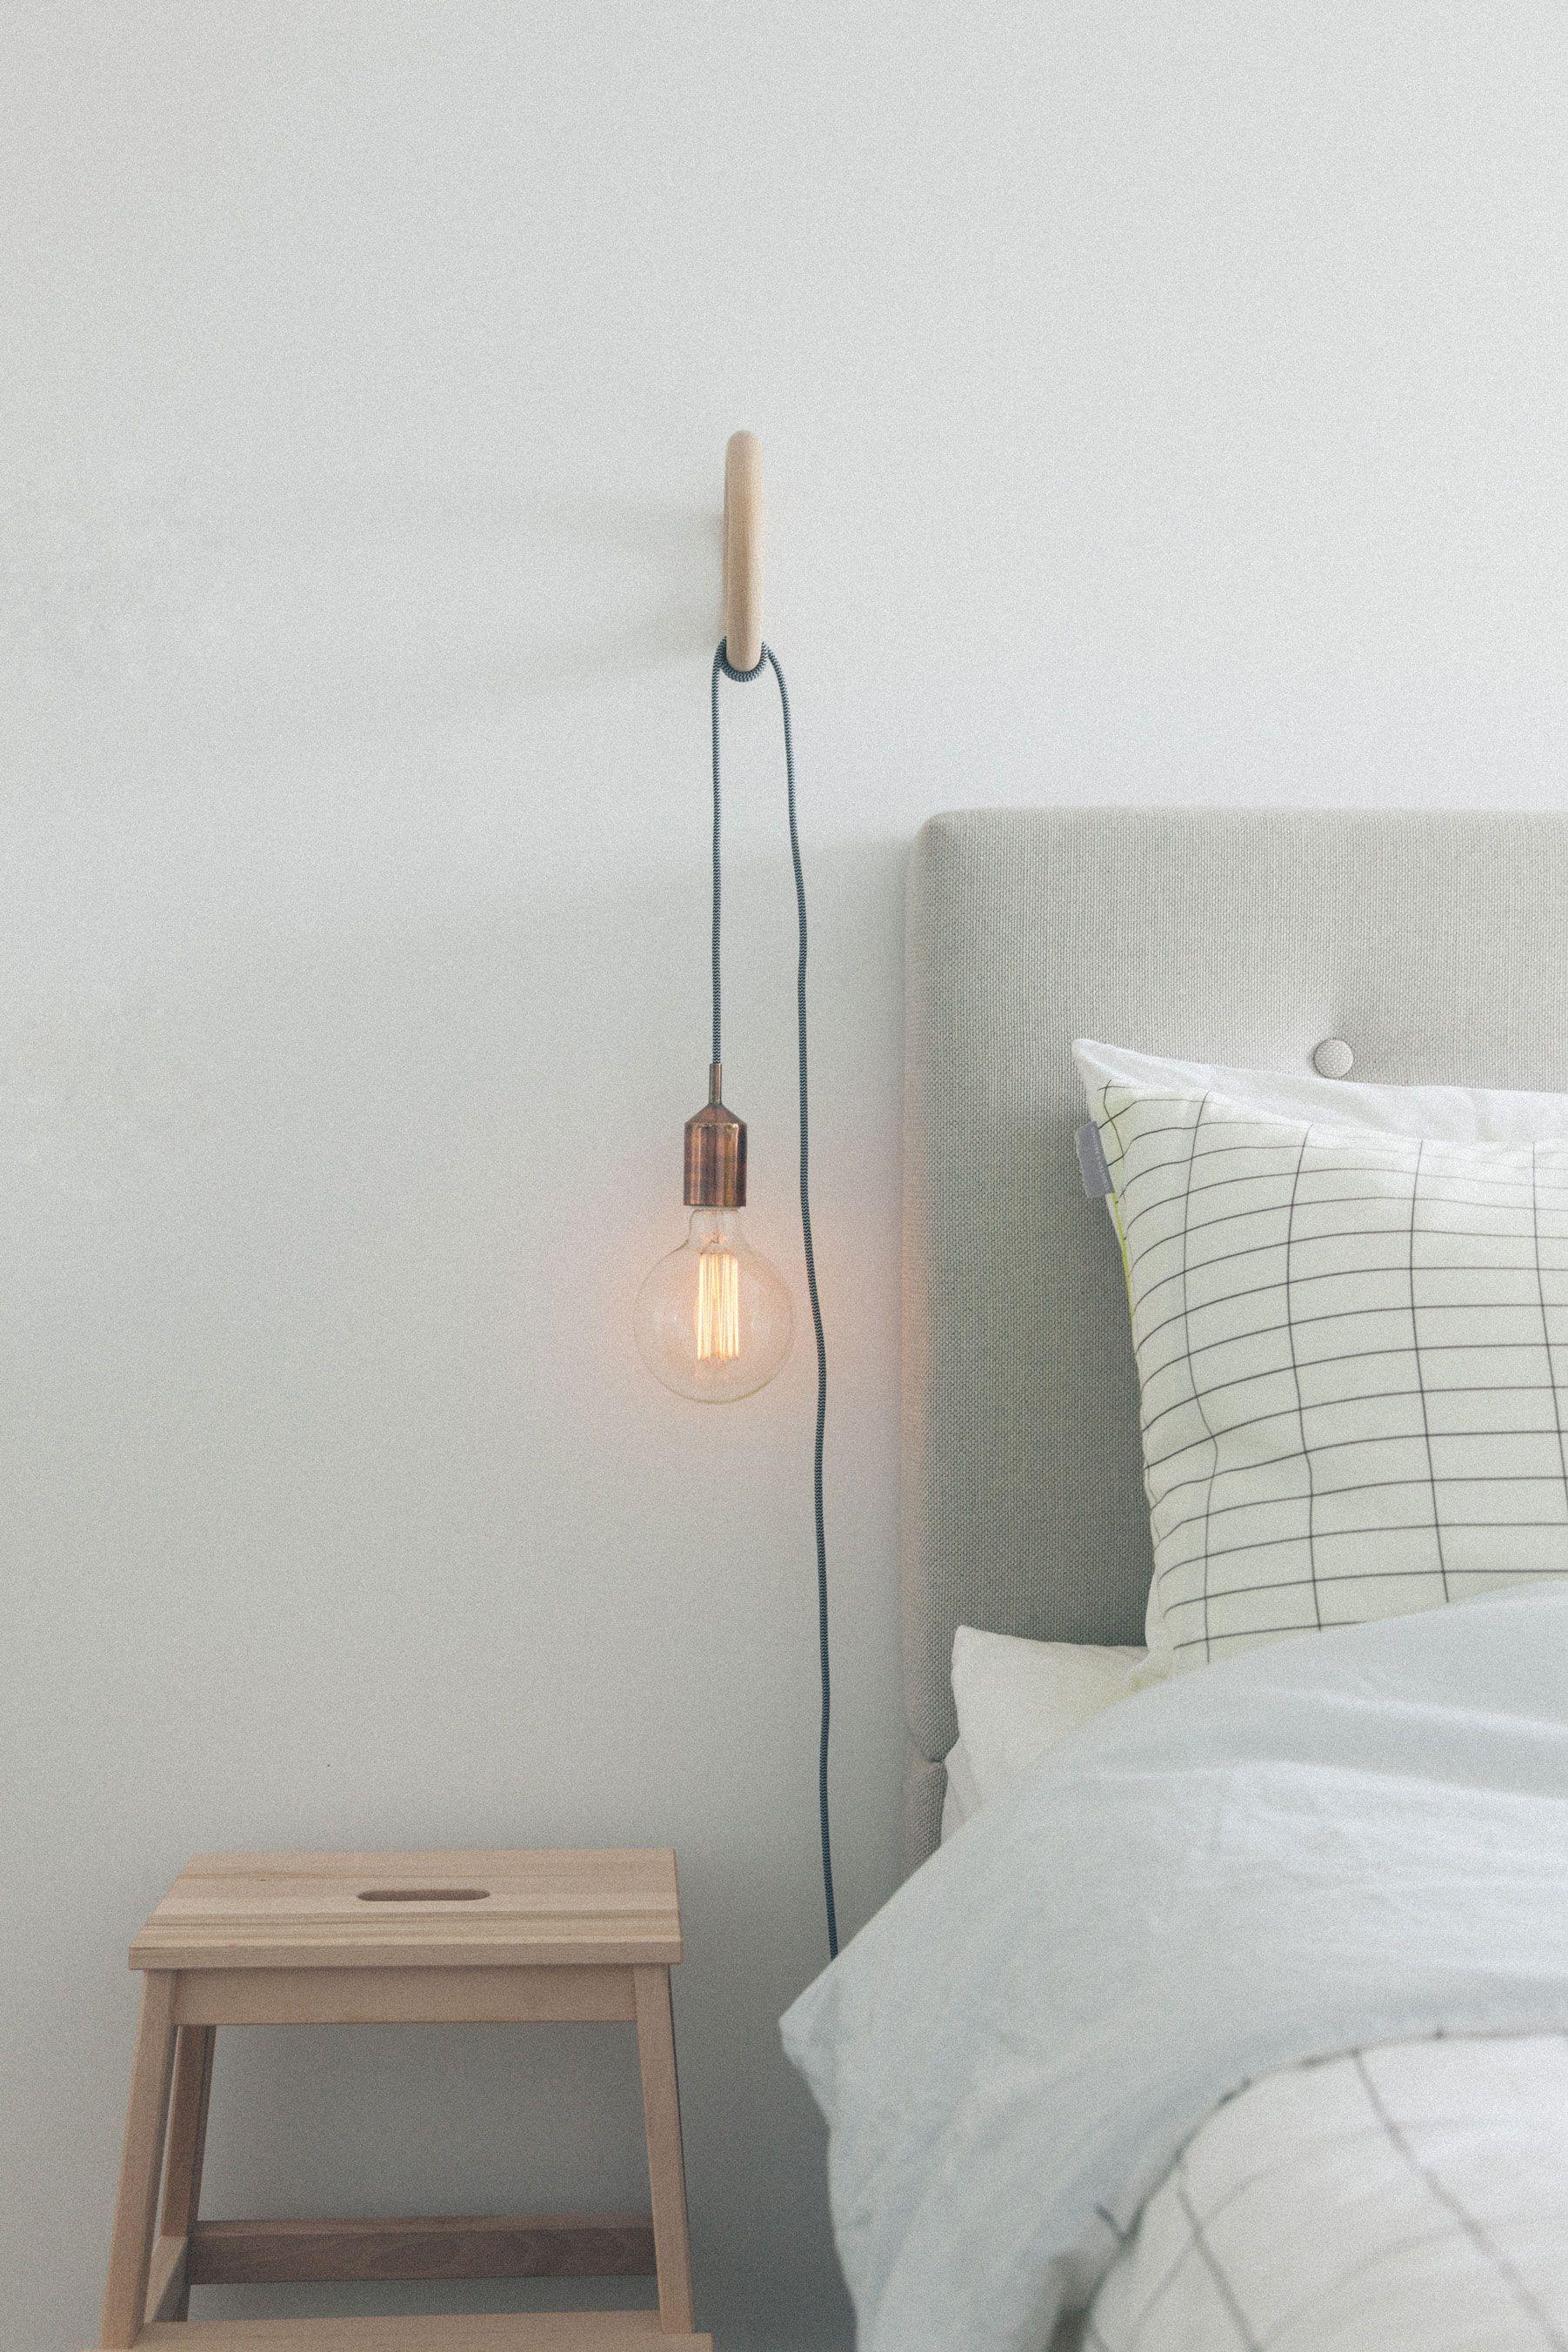 Modernes Schlafzimmer Lichter Schlafzimmer Lampe Haus Deko